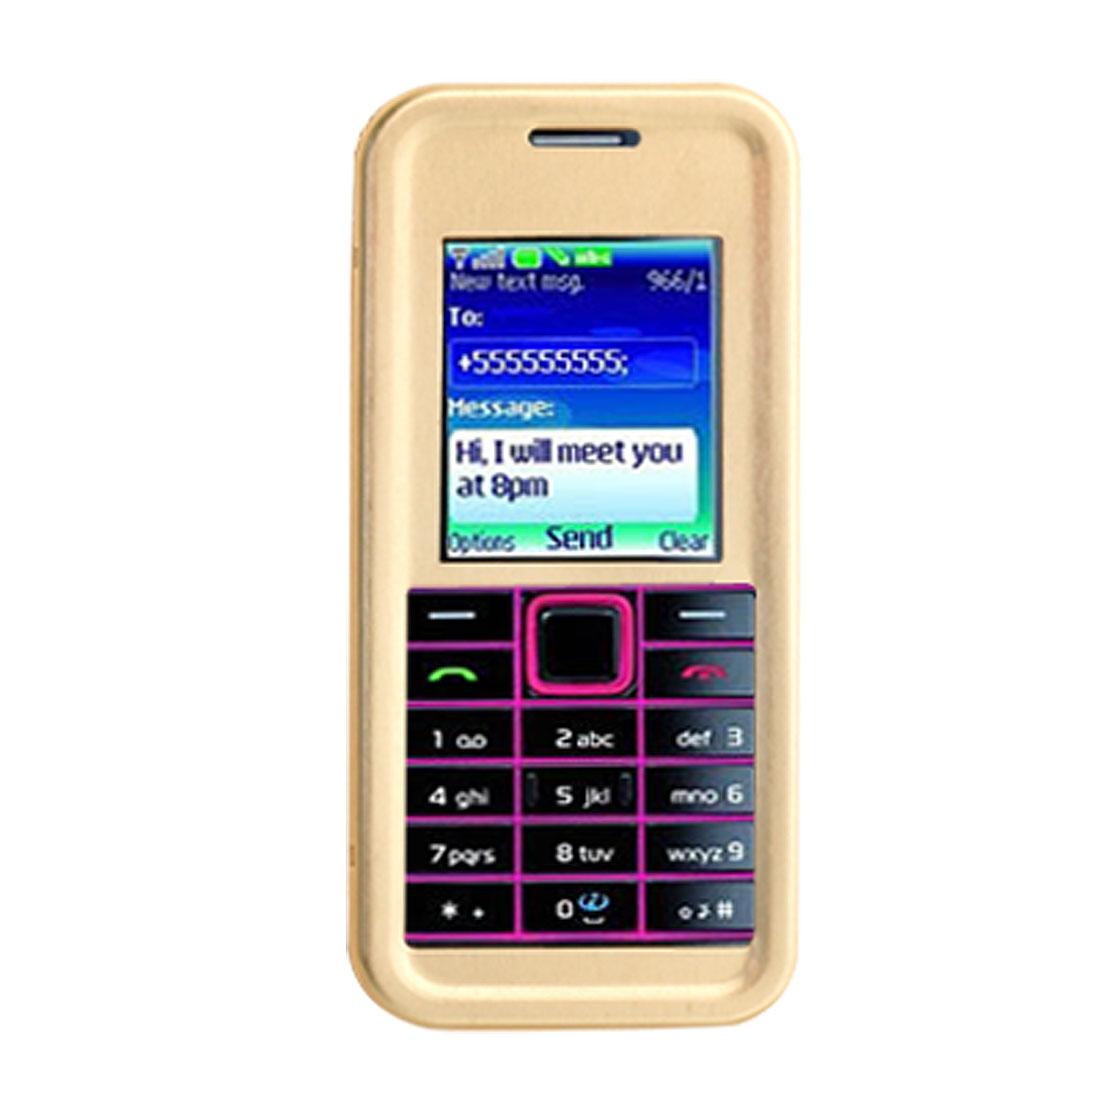 Golden Aluminum Case Cover for Nokia 3500 Classic